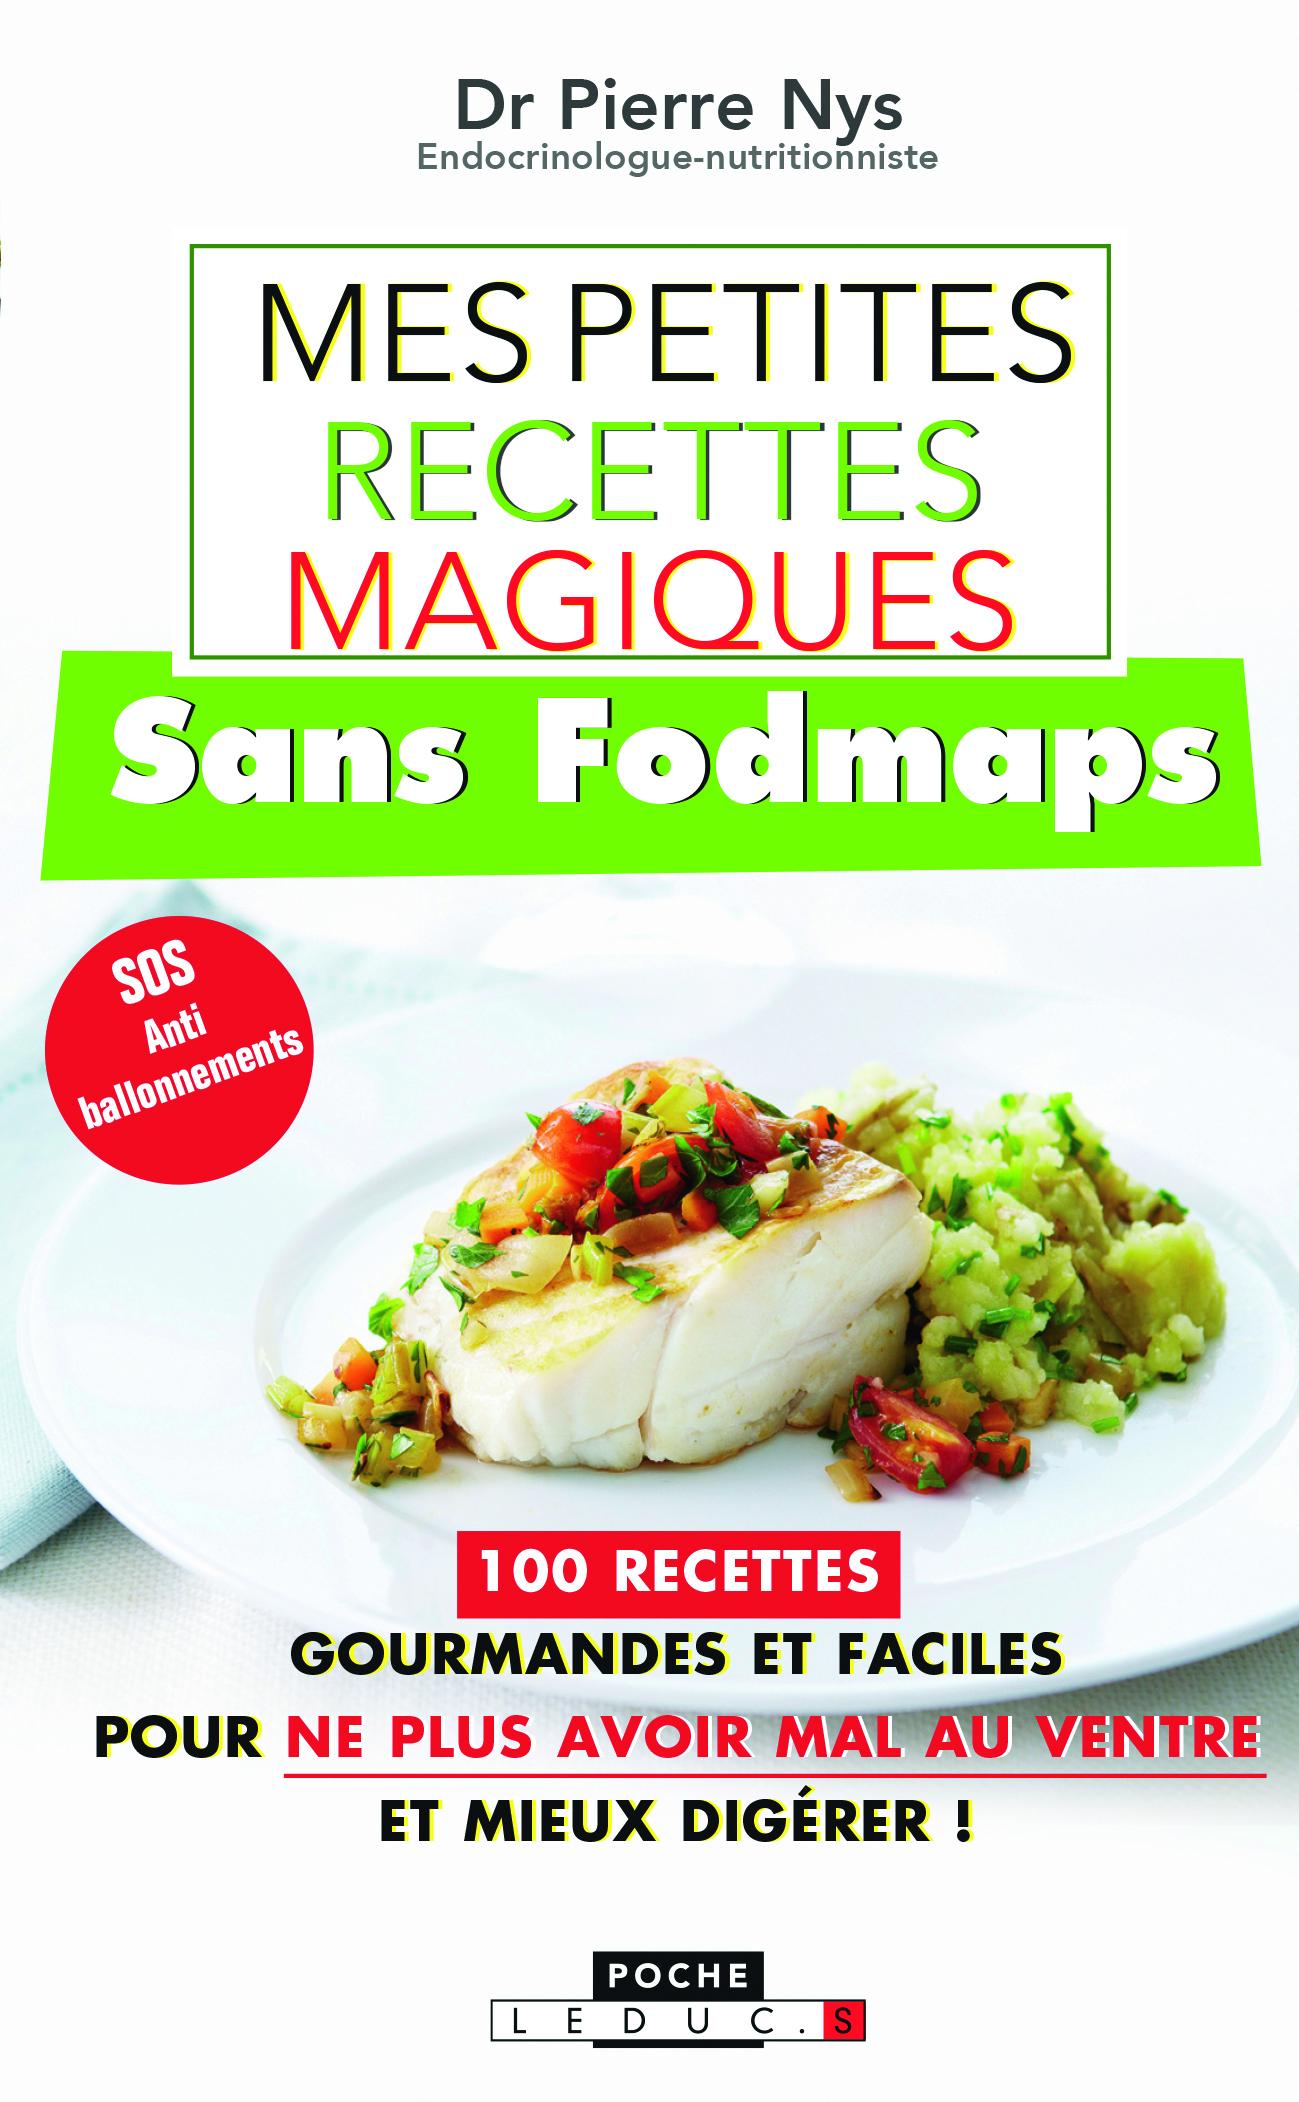 PETITES RECETTES MAGIQUES SANS FODMAPS (MES)